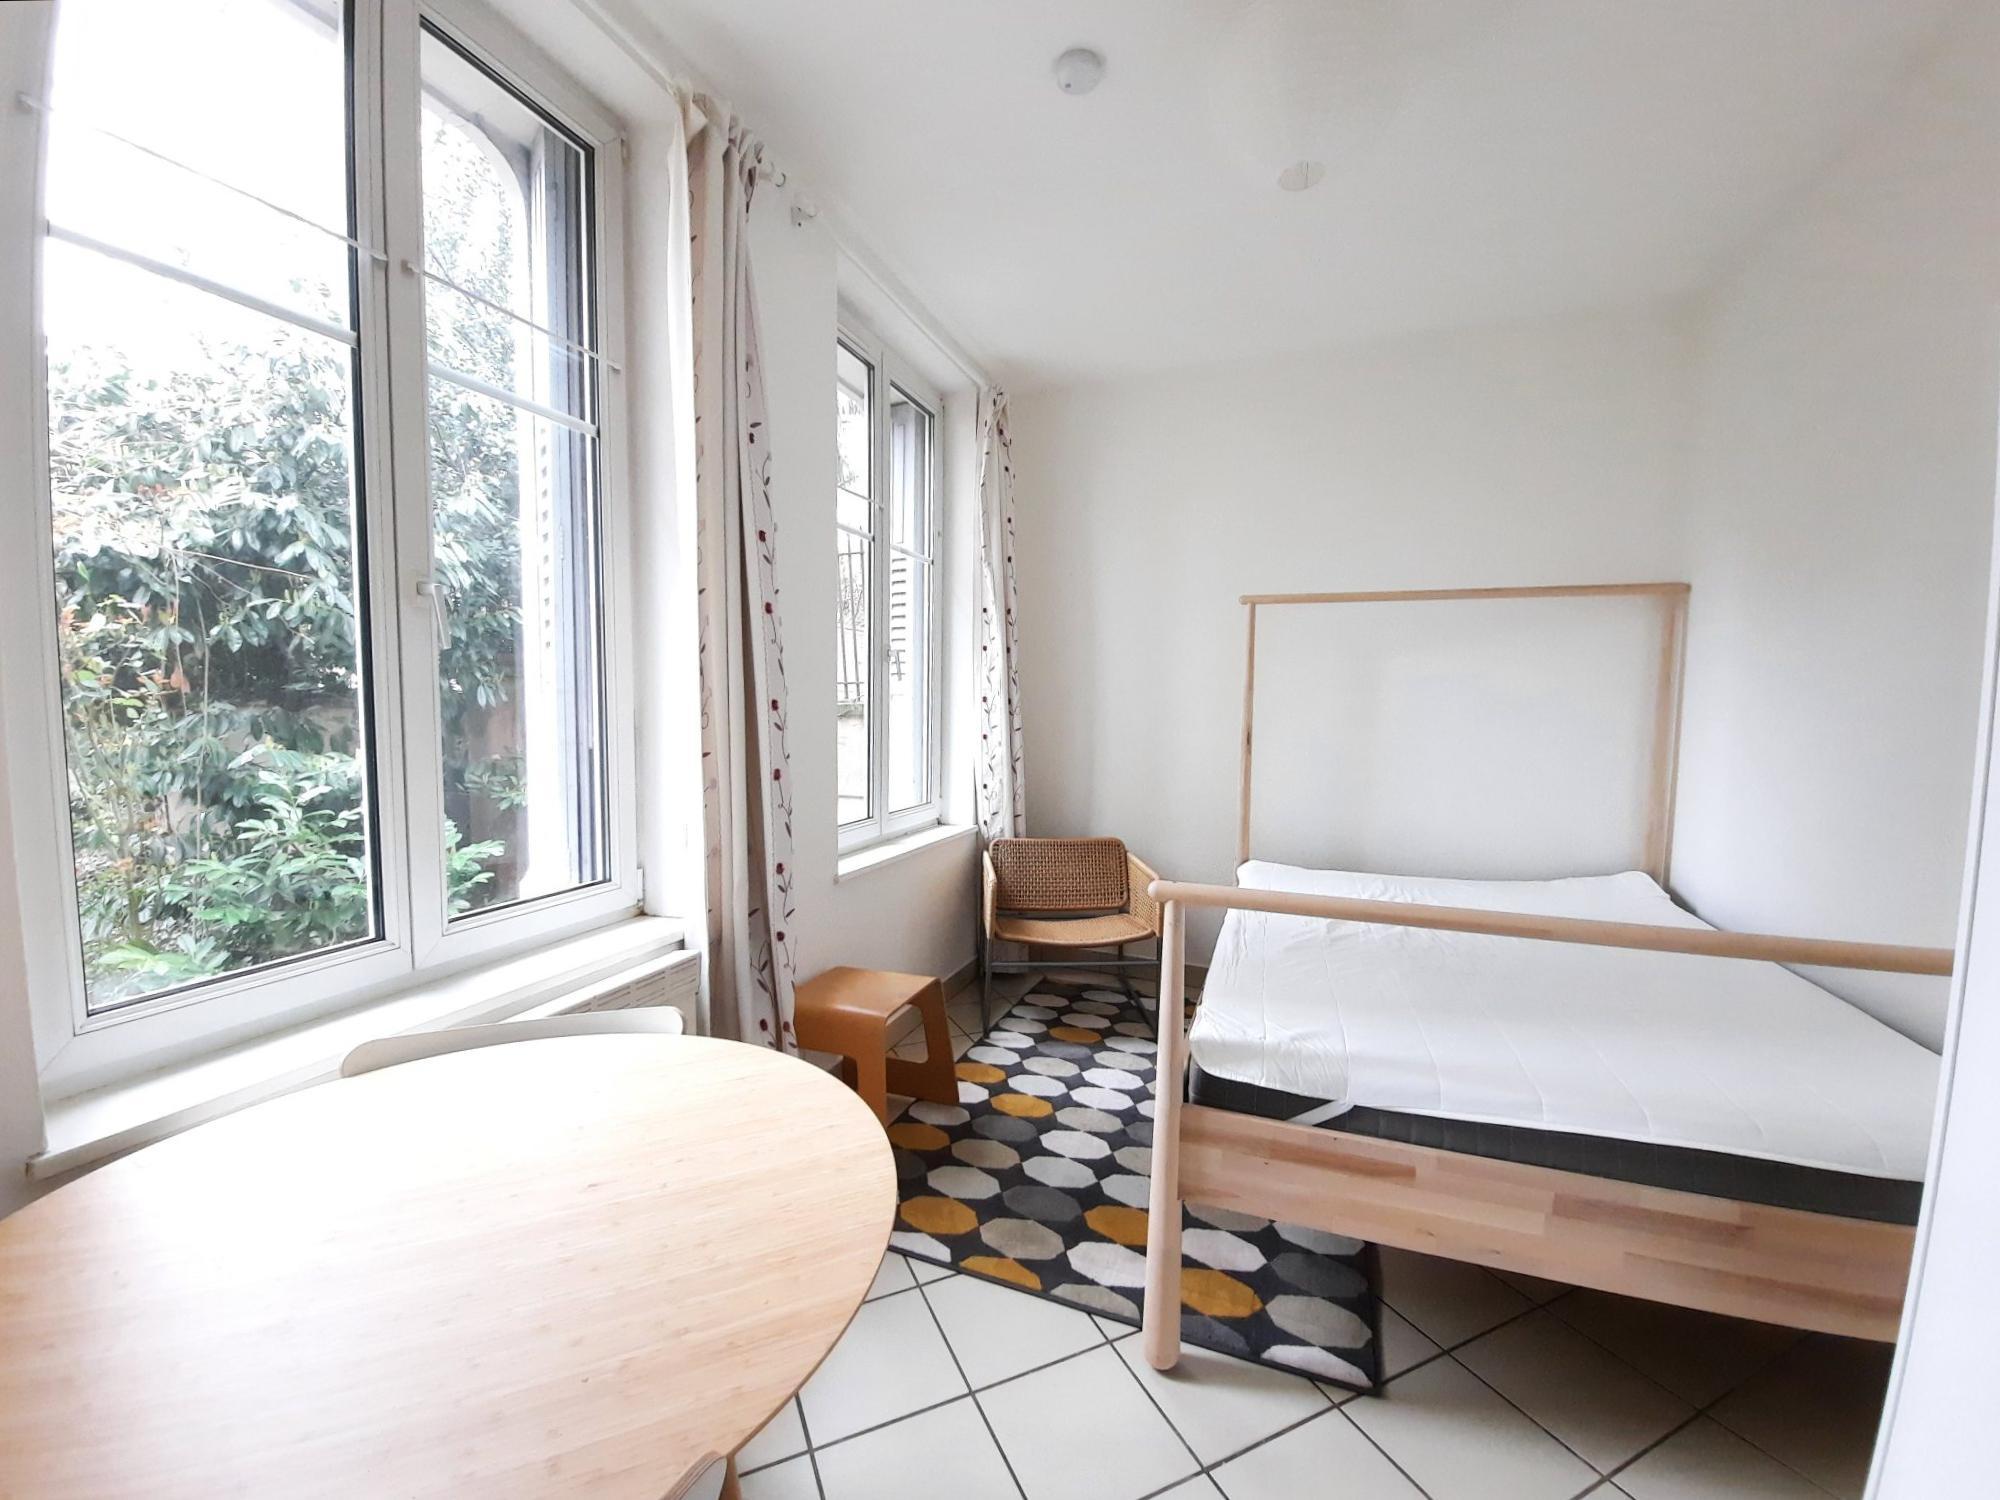 KRUTENAU - Maison de ville 2 pces meublée